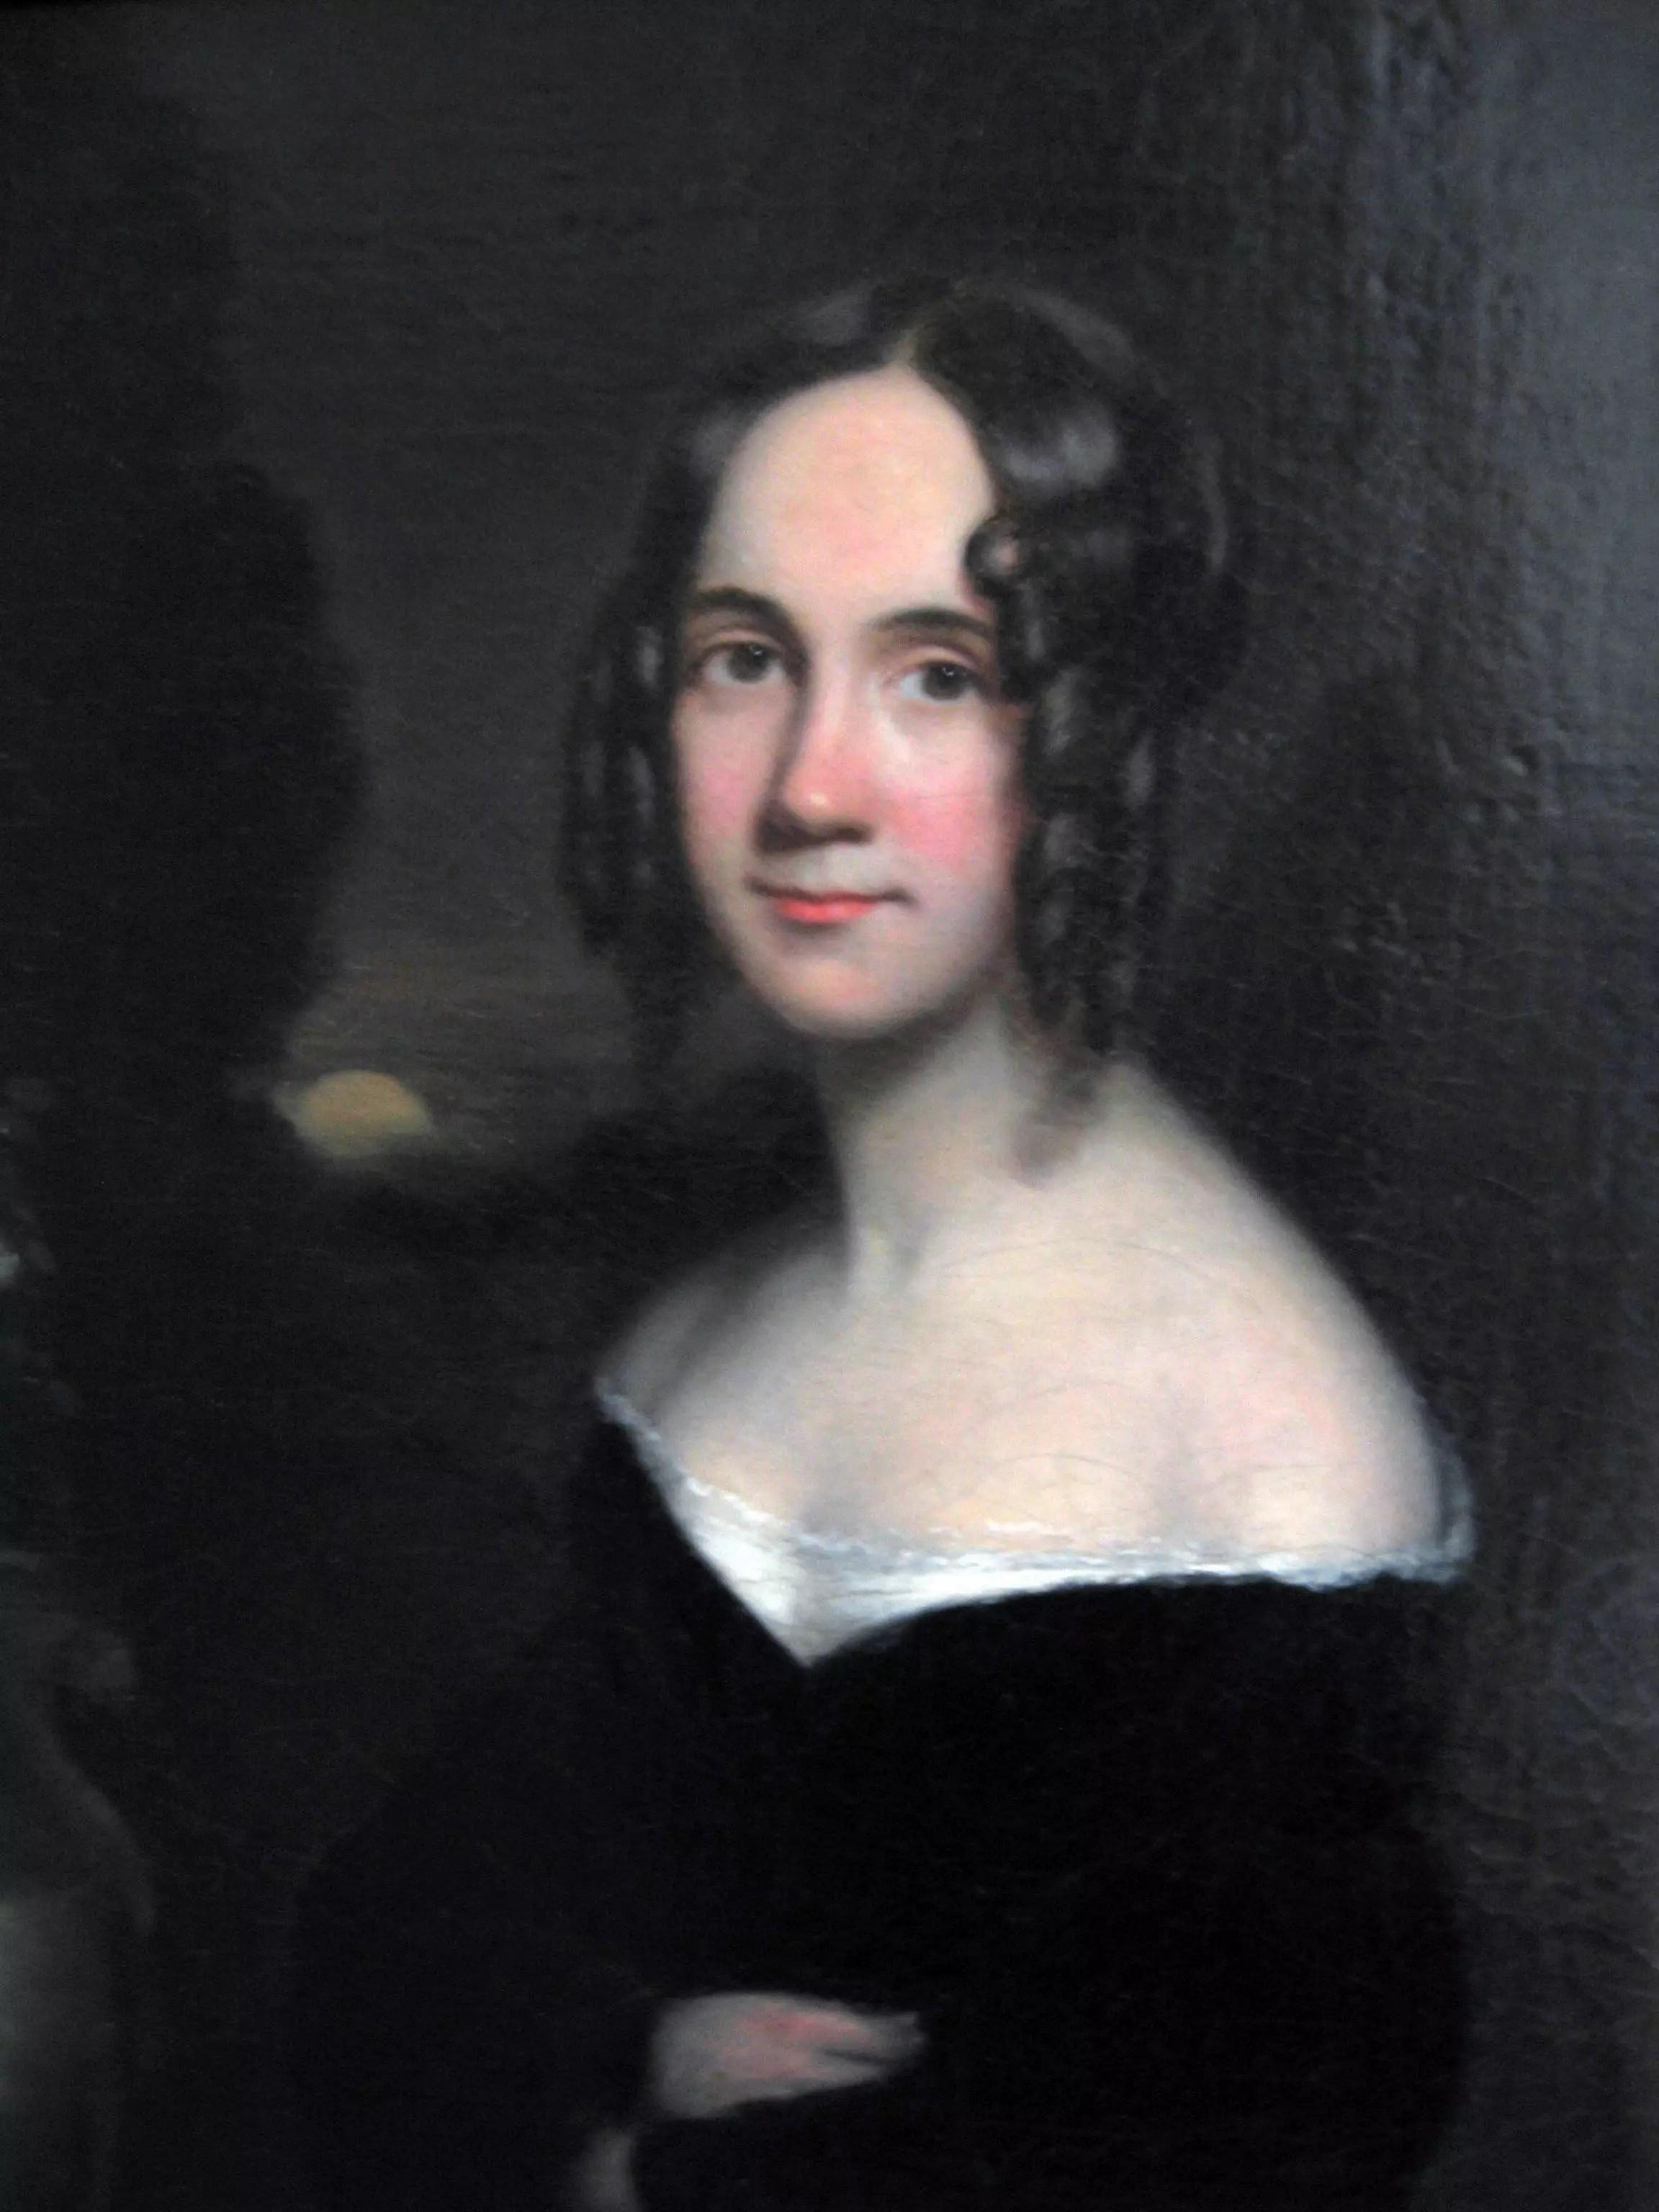 Popular Women's Names: Sarah